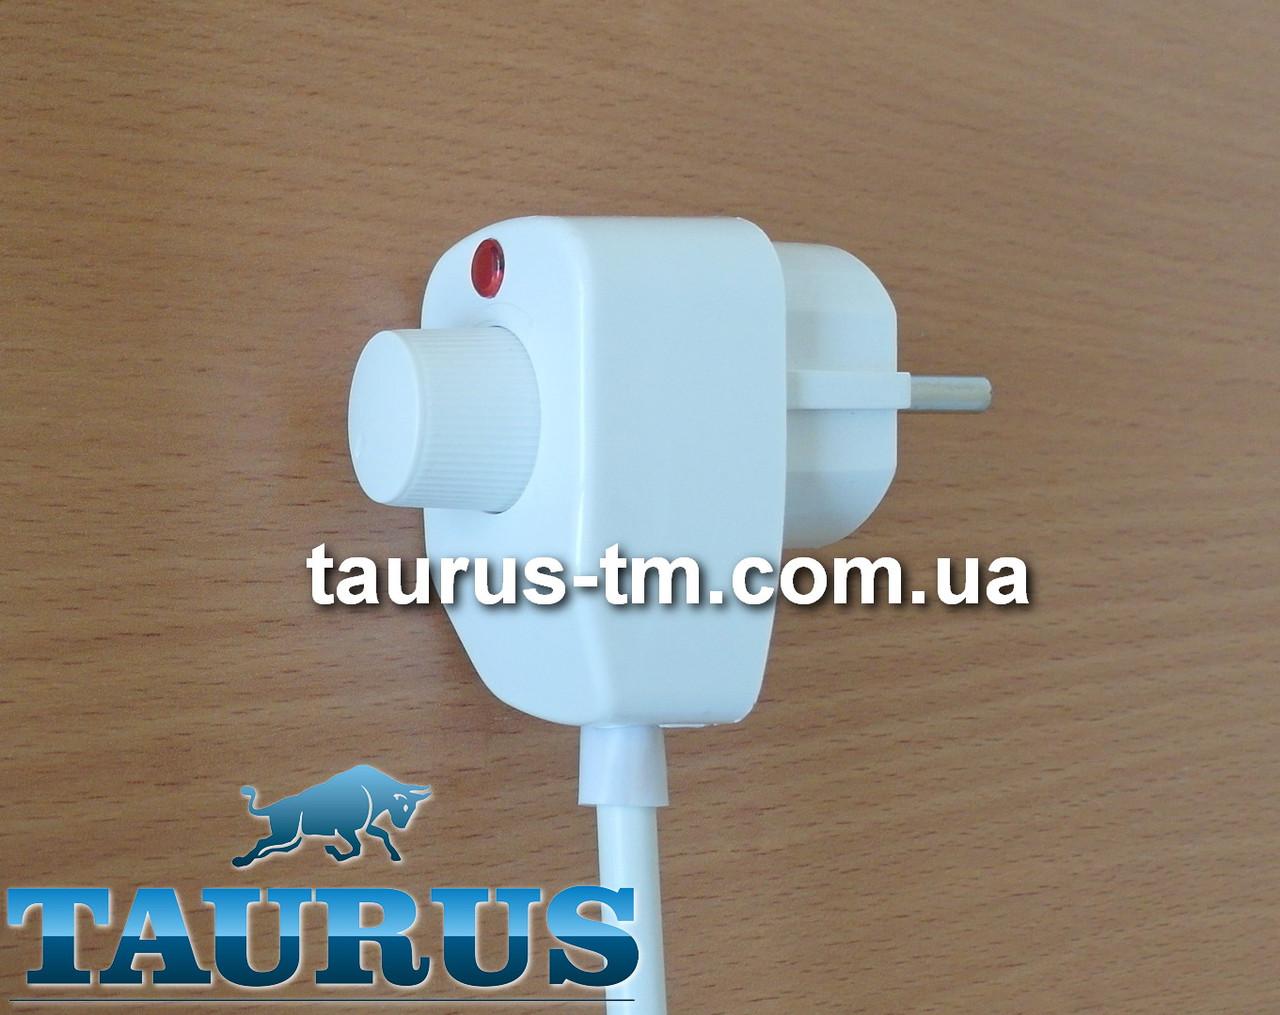 Белый регулятор на вилке для электроТЭНов без регулировки до 500Вт., с индикатором. Диммер Турция.